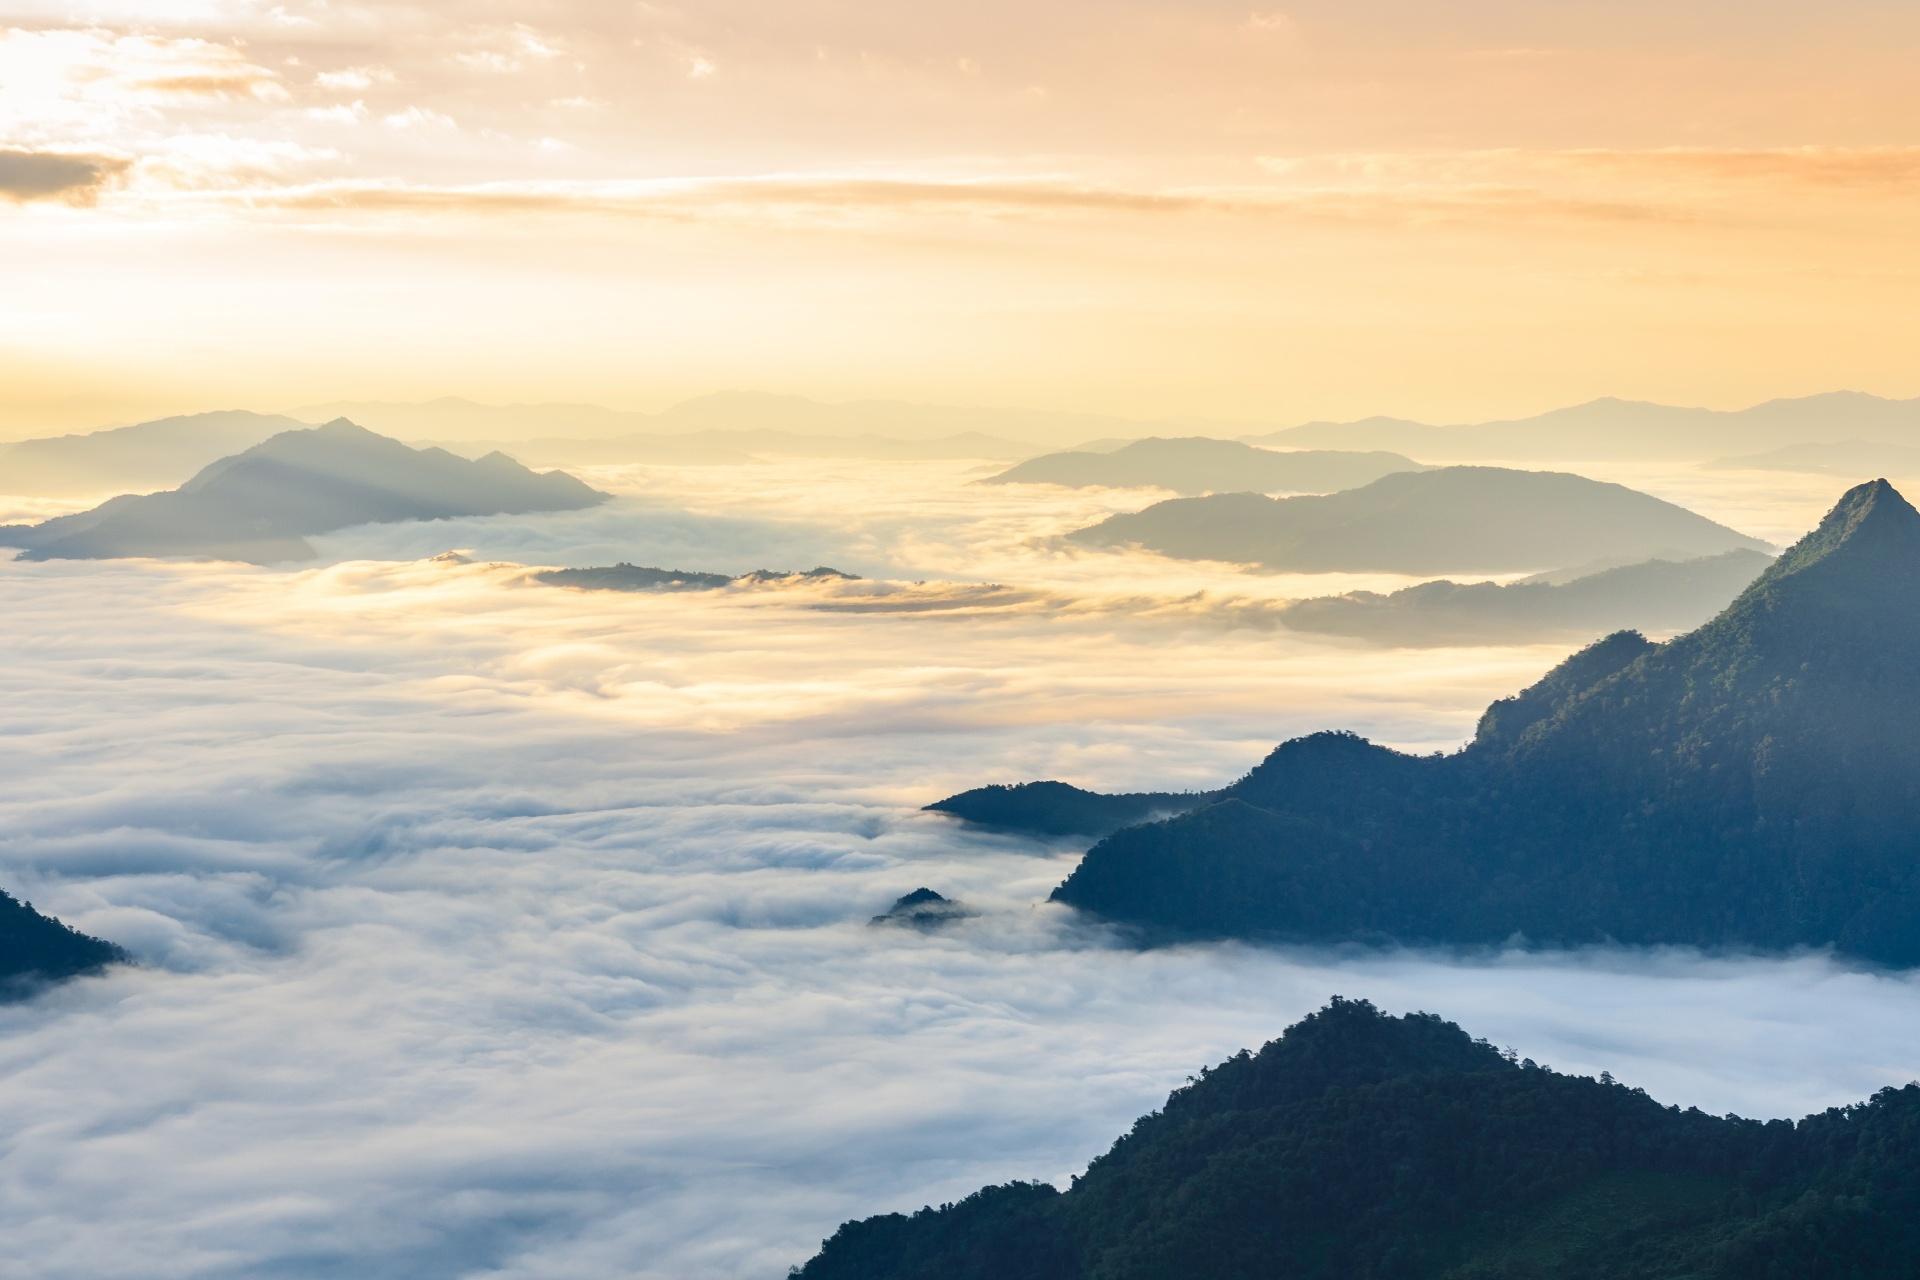 プーチーファーの日の出の風景 タイの風景